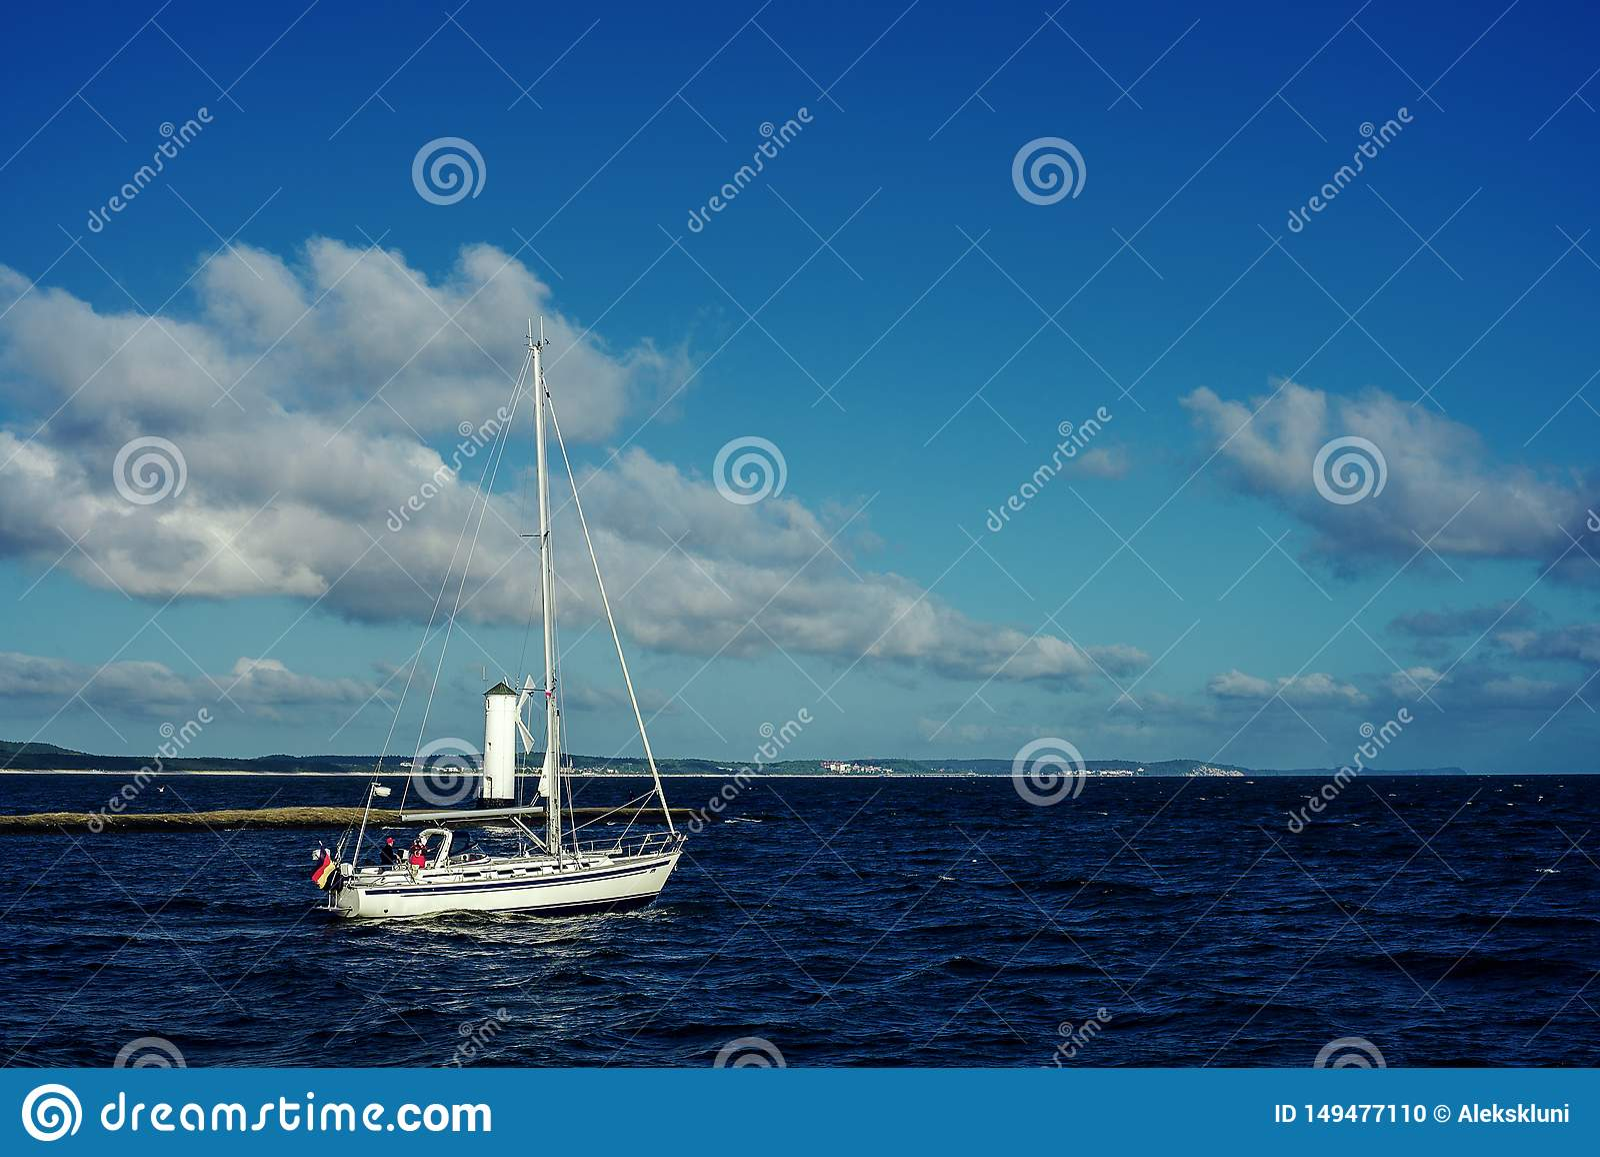 Barca a vela bianca in corso facendo uso del motore sulla terra del fondo